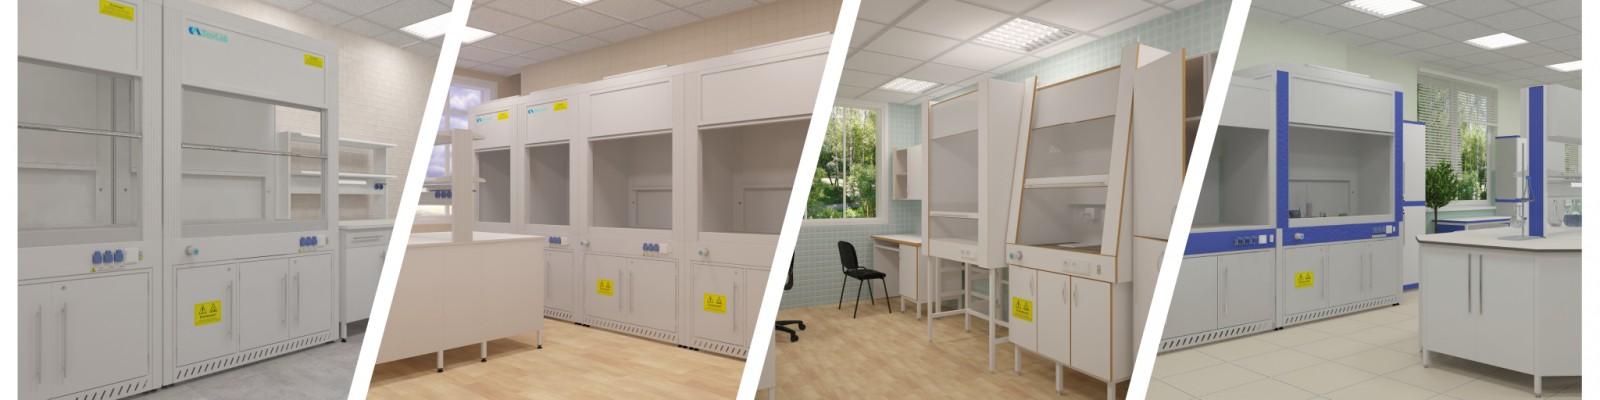 Современная лаборатория. Шкафы вытяжные для муфельных печей СОВЛАБ МОДЕРН (металлический)